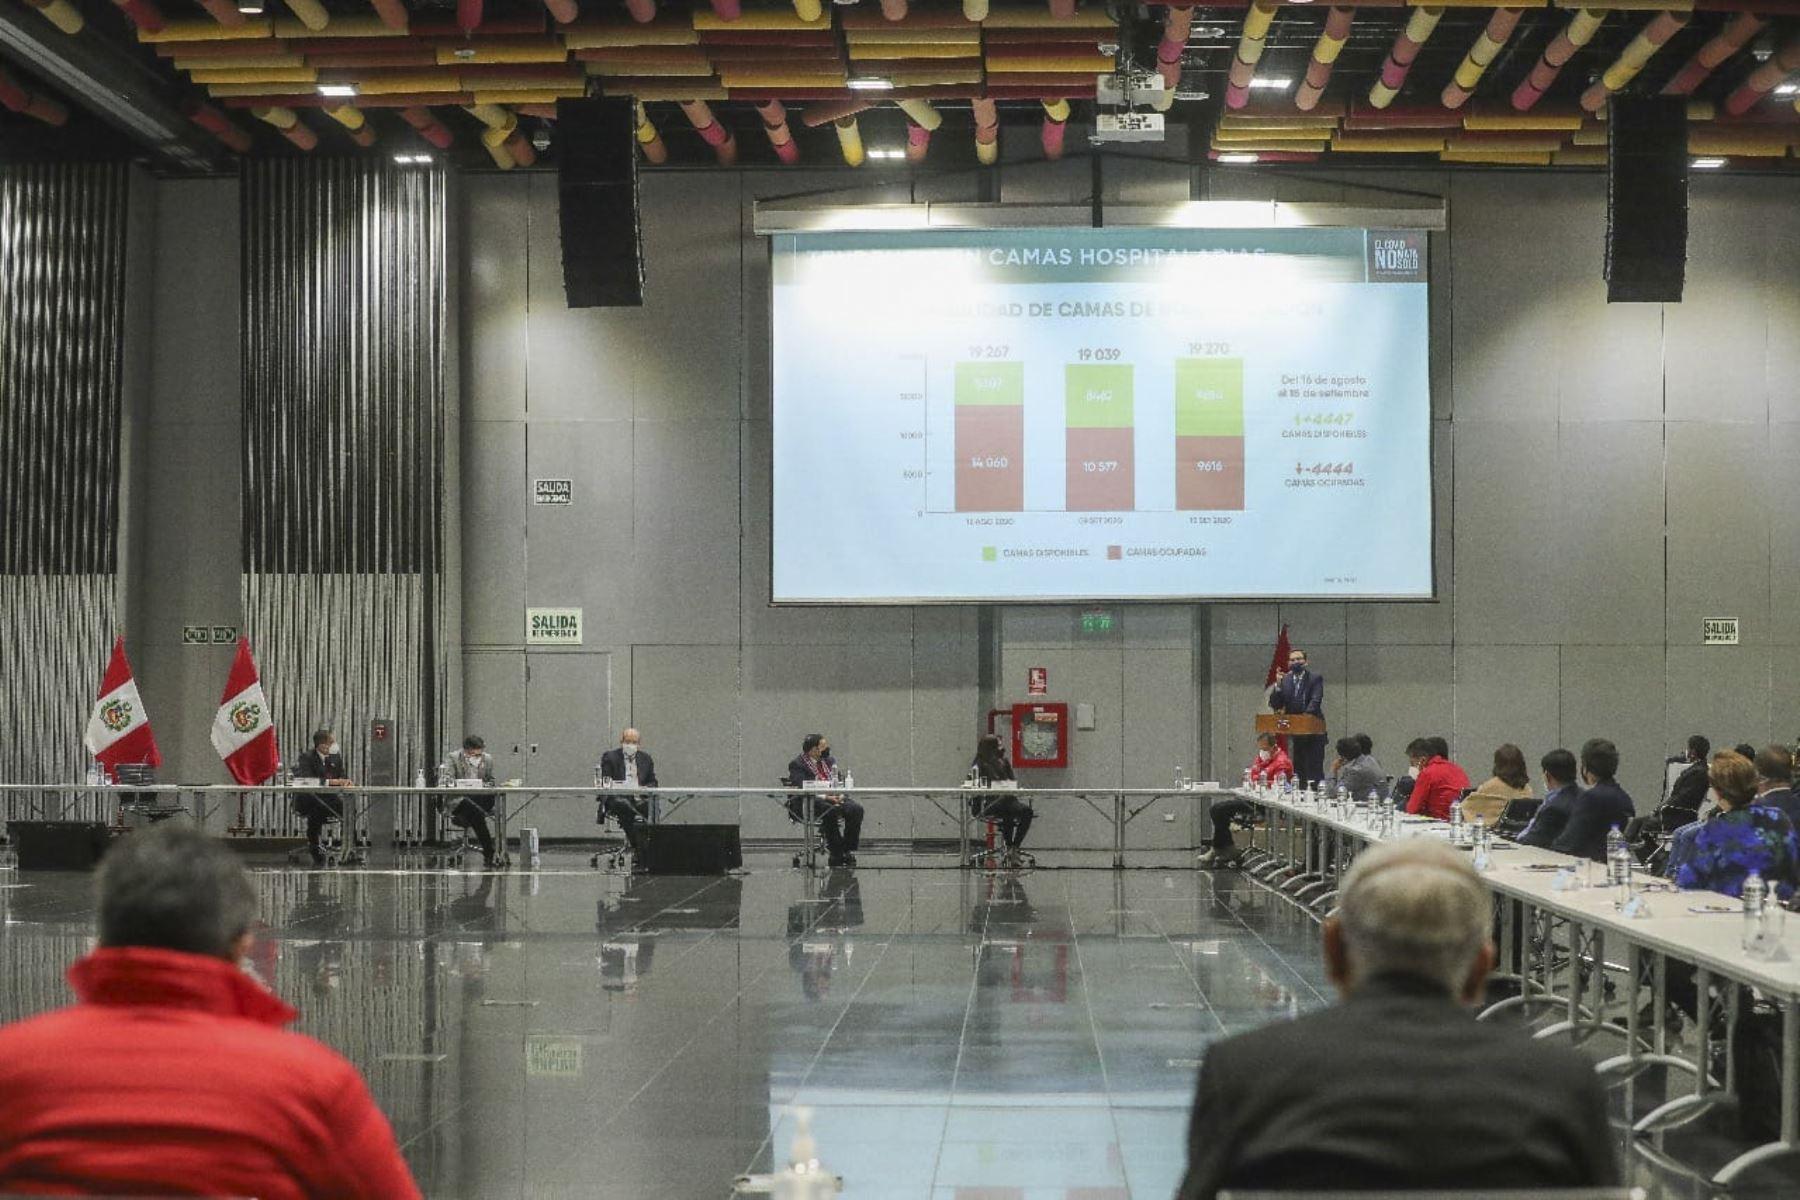 El presidente de la República Martín Vizcarra, en el marco del Consejo de Ministros, sostiene una reunión con los representantes de la Asociación de Municipalidades del Perú(Ampe), de la Red de Municipalidades Urbanas y Rurales del Perú (Remurpe) y con gobernadores regionales de la Asamblea Nacional de Gobiernos Regionales (ANGR).Foto: ANDINA/Prensa Presidencia